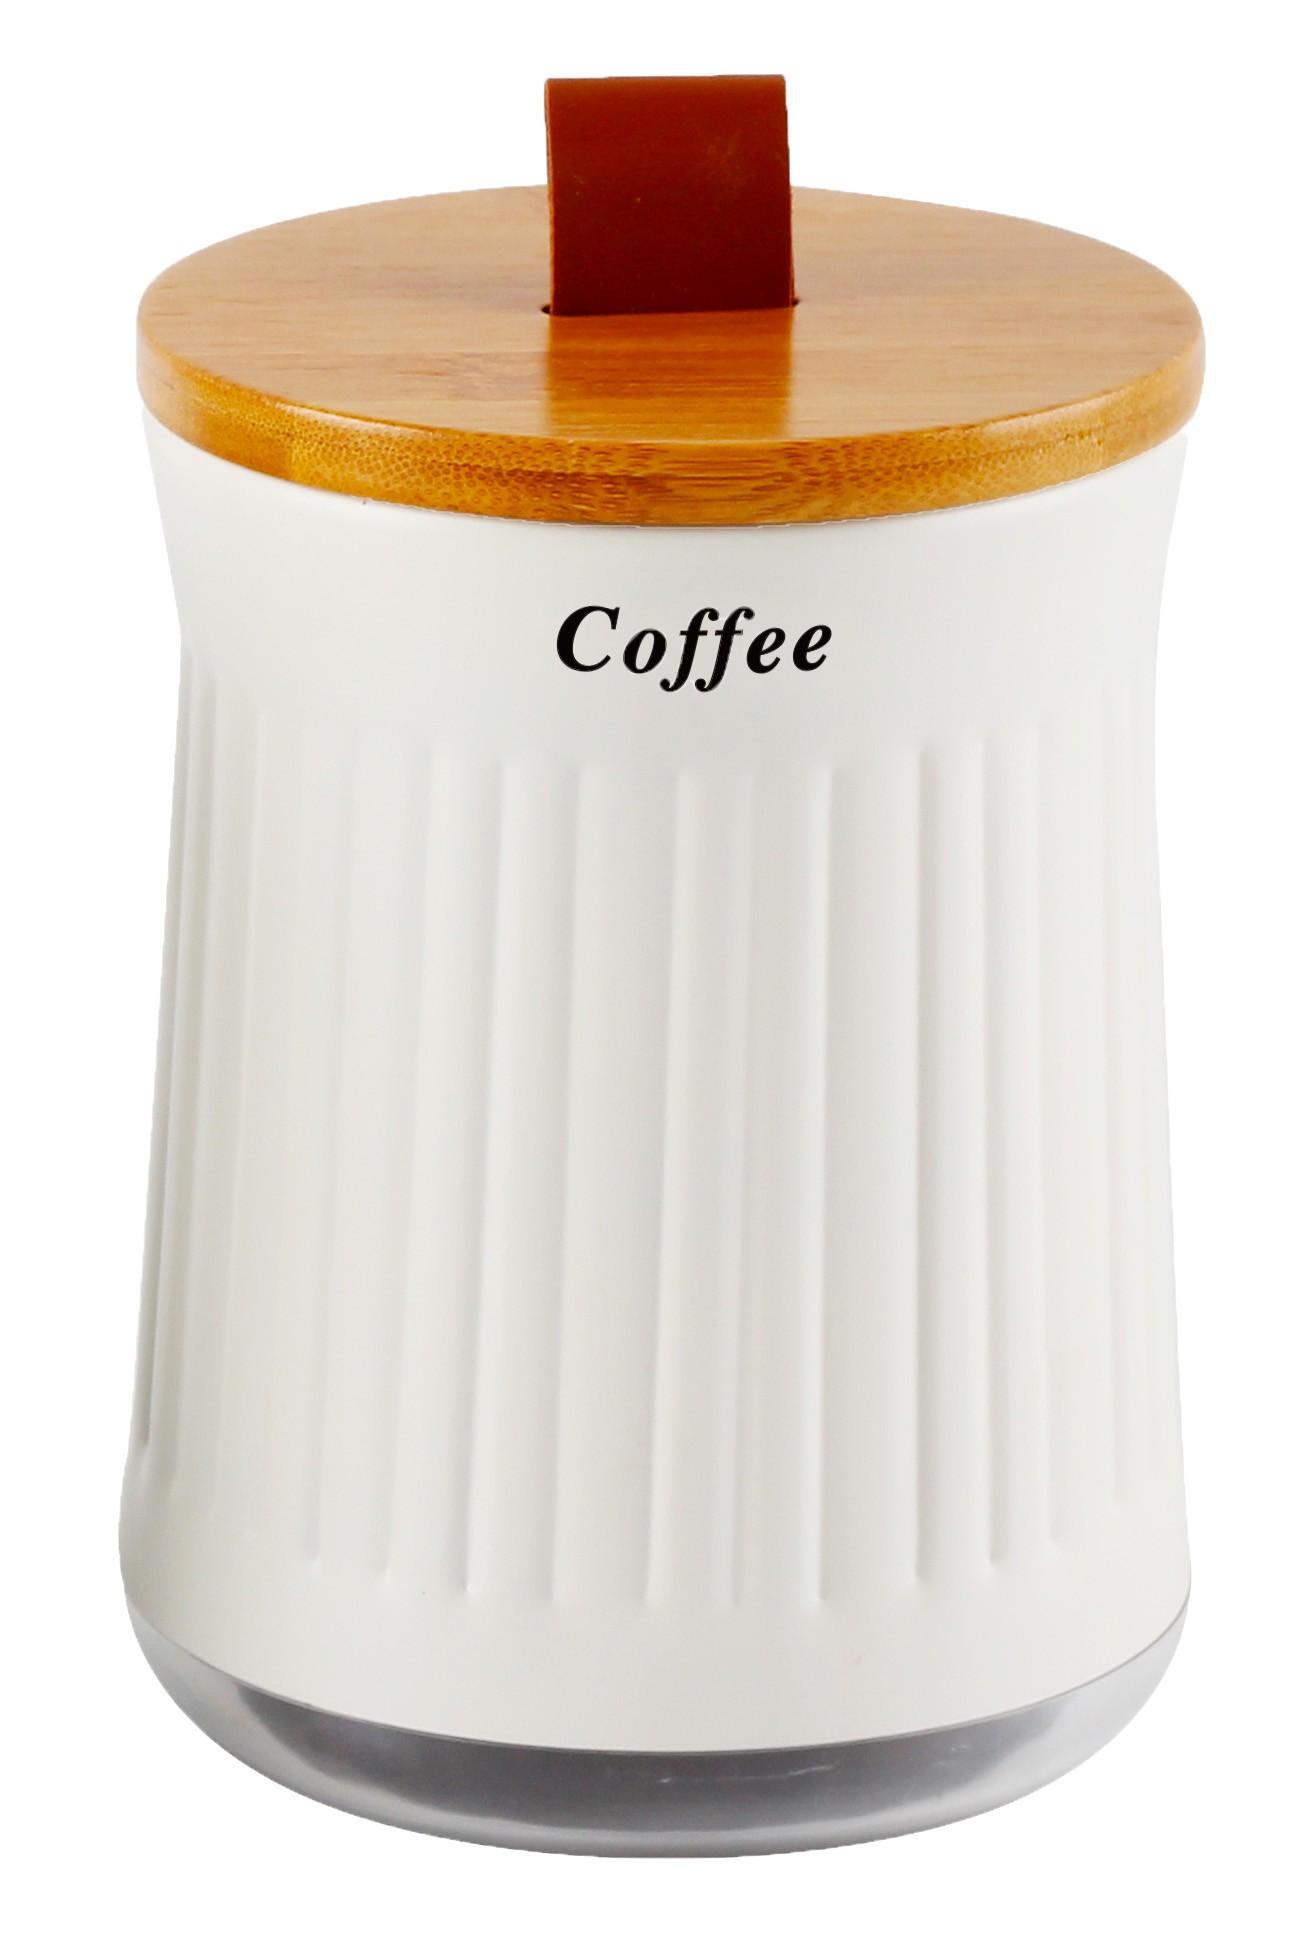 Porta Condimentos Cristal (Coffee)